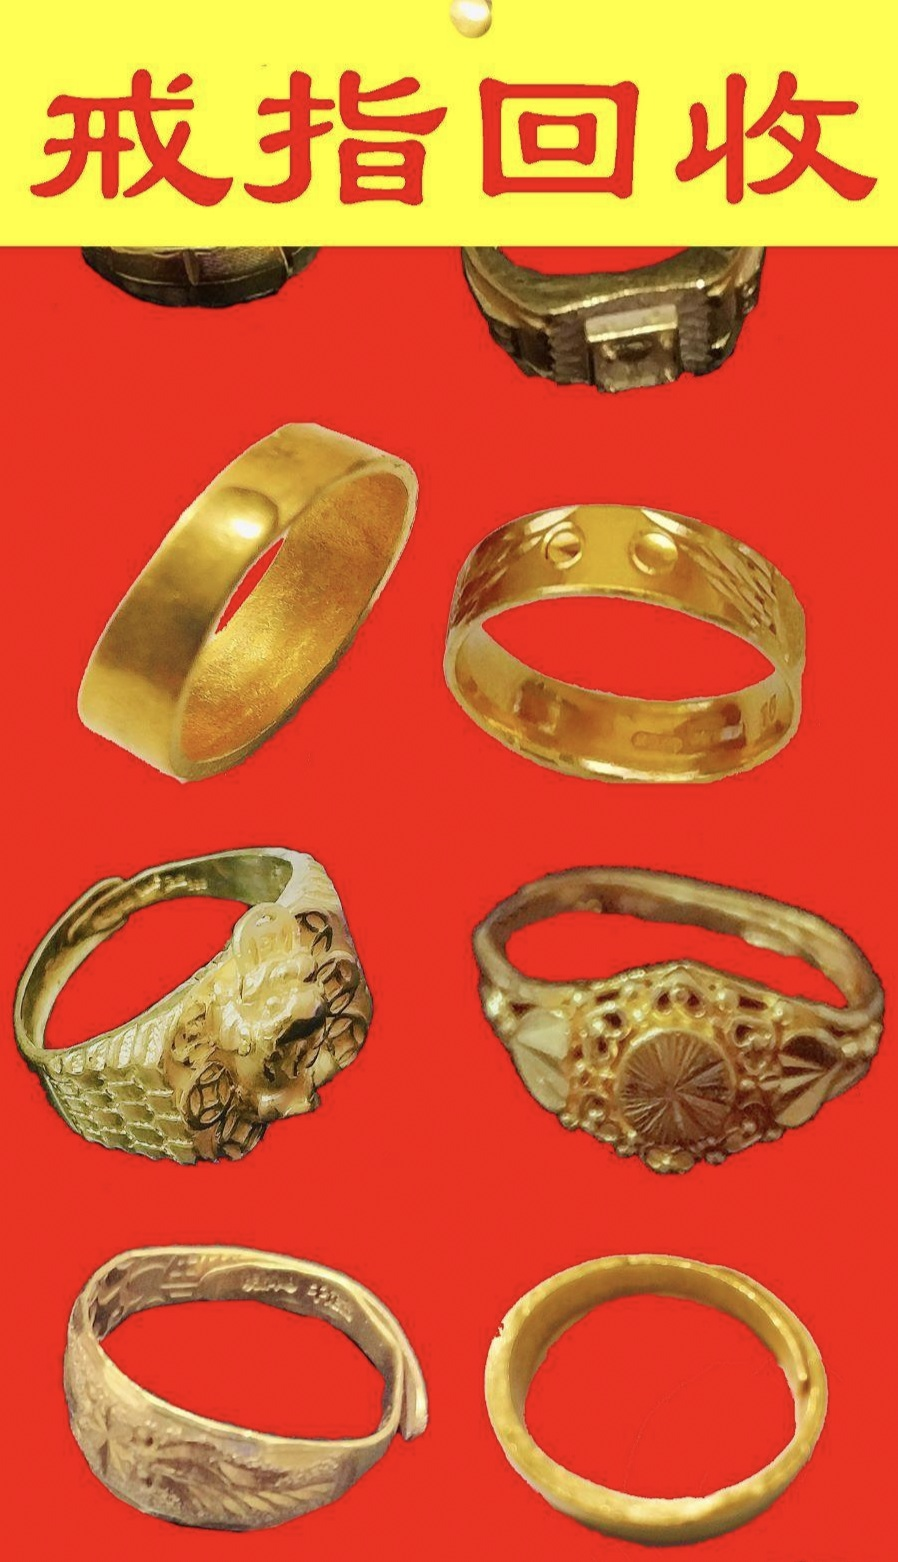 河东区钯金回收河东区各县区上门高价回收各种钯金首饰